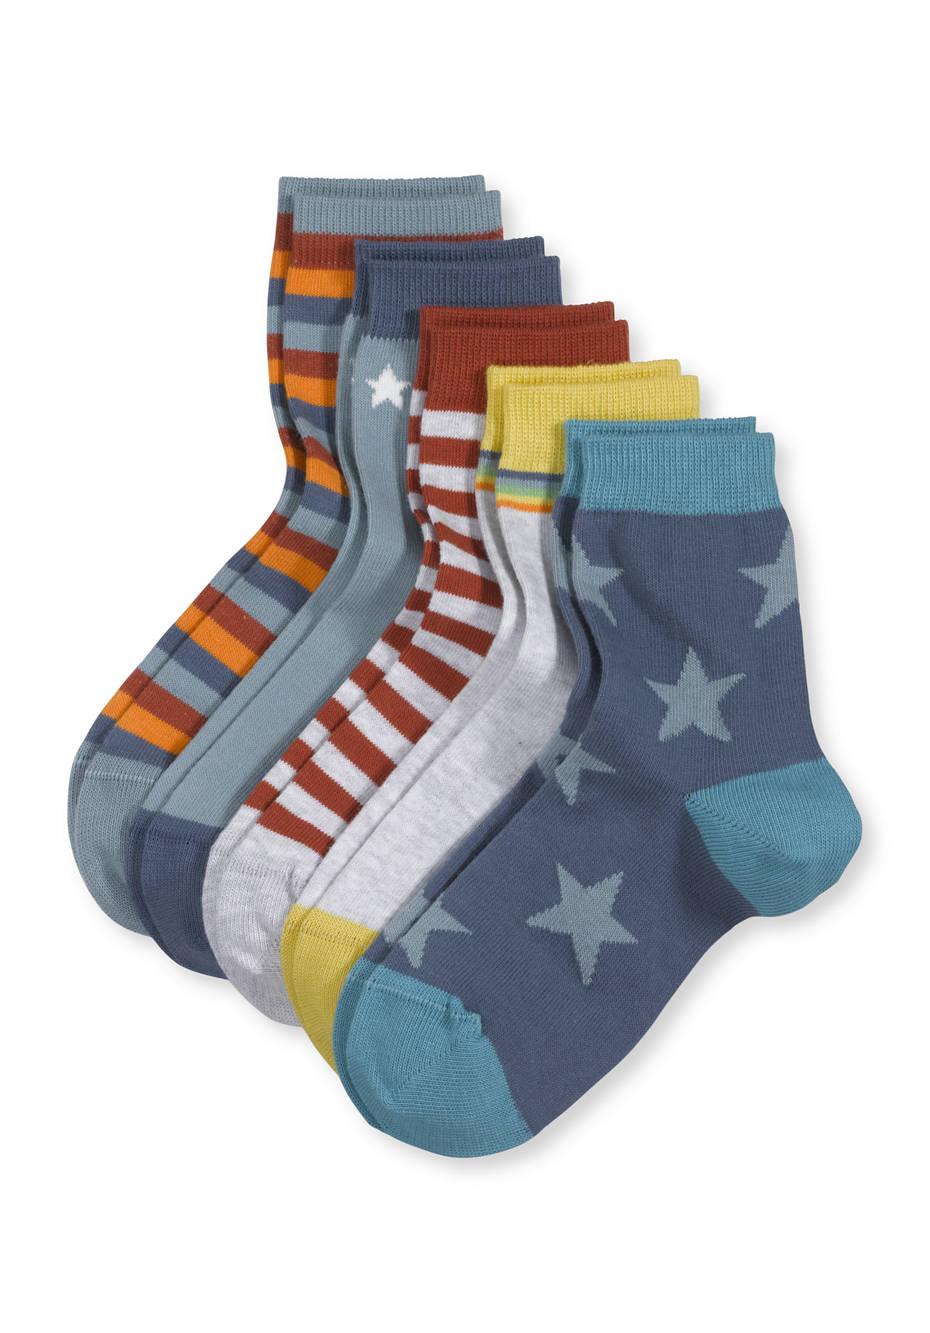 Socke im 5er-Pack aus Bio-Baumwolle